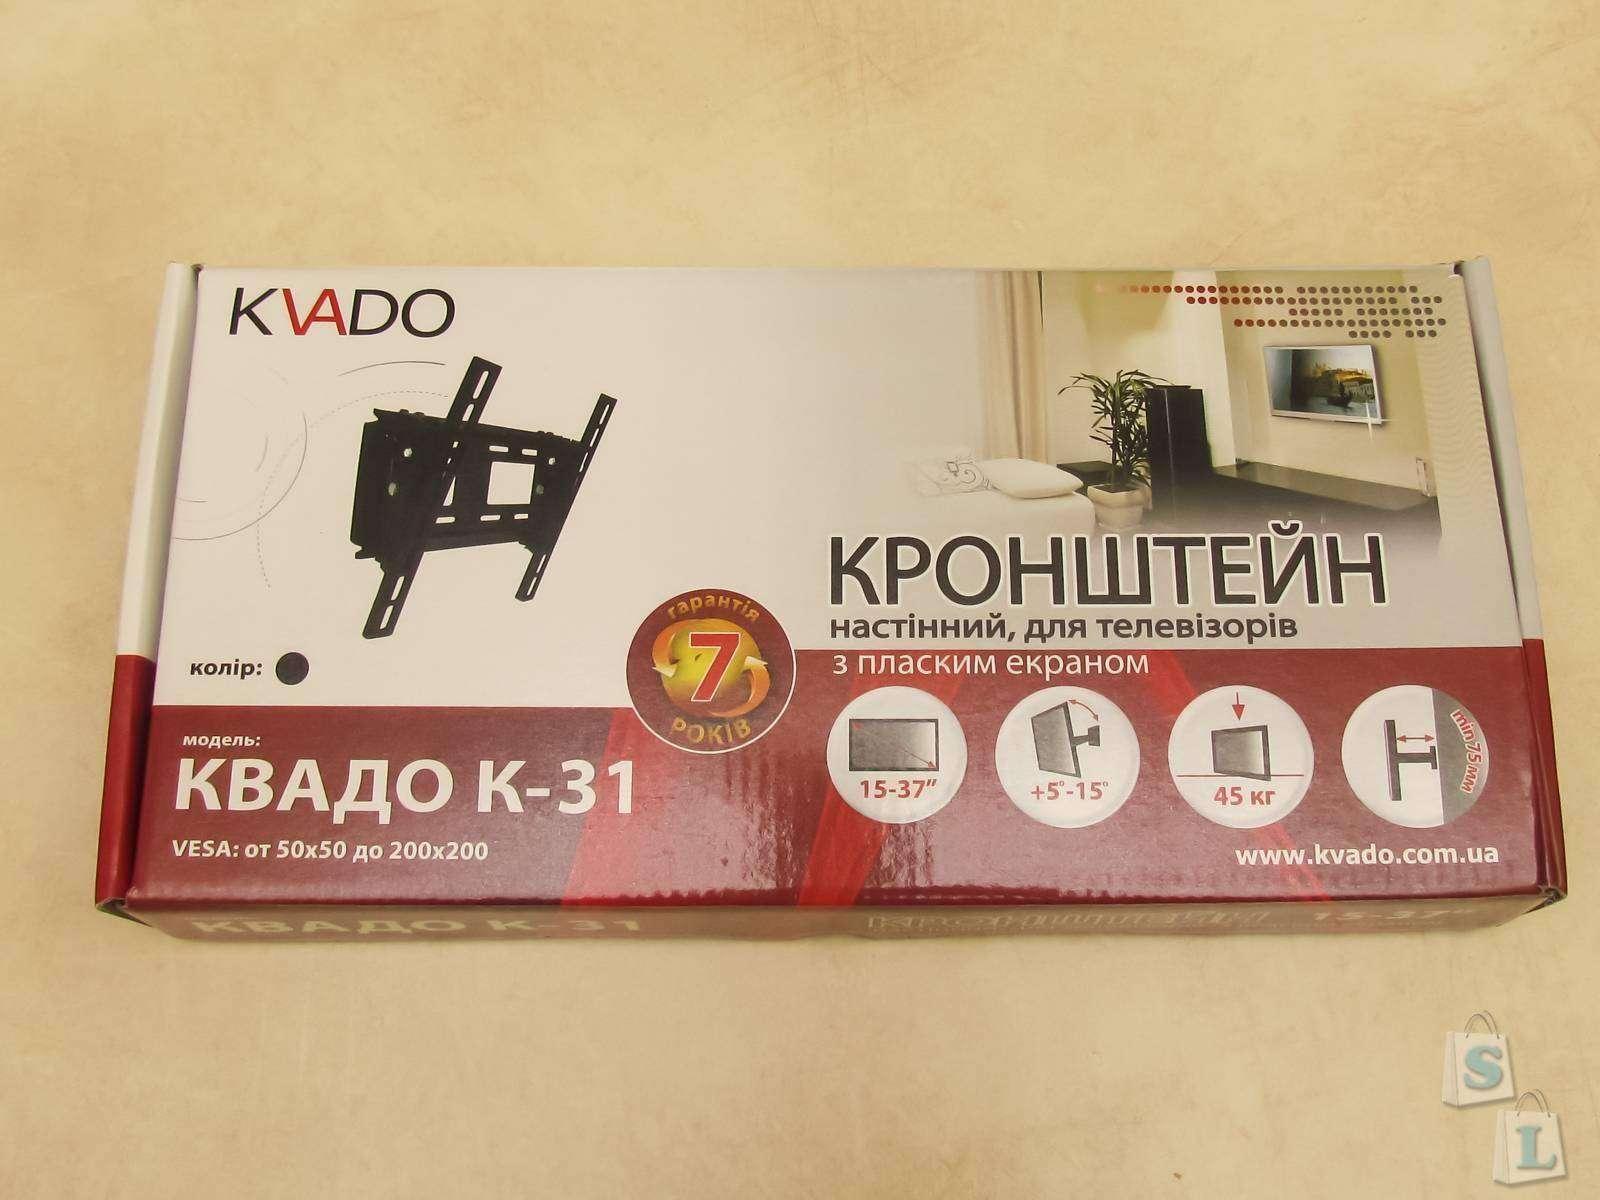 Эпицентр К: Настенный кронштейн КВАДО К-31 для небольших телевизоров из Эпицентра